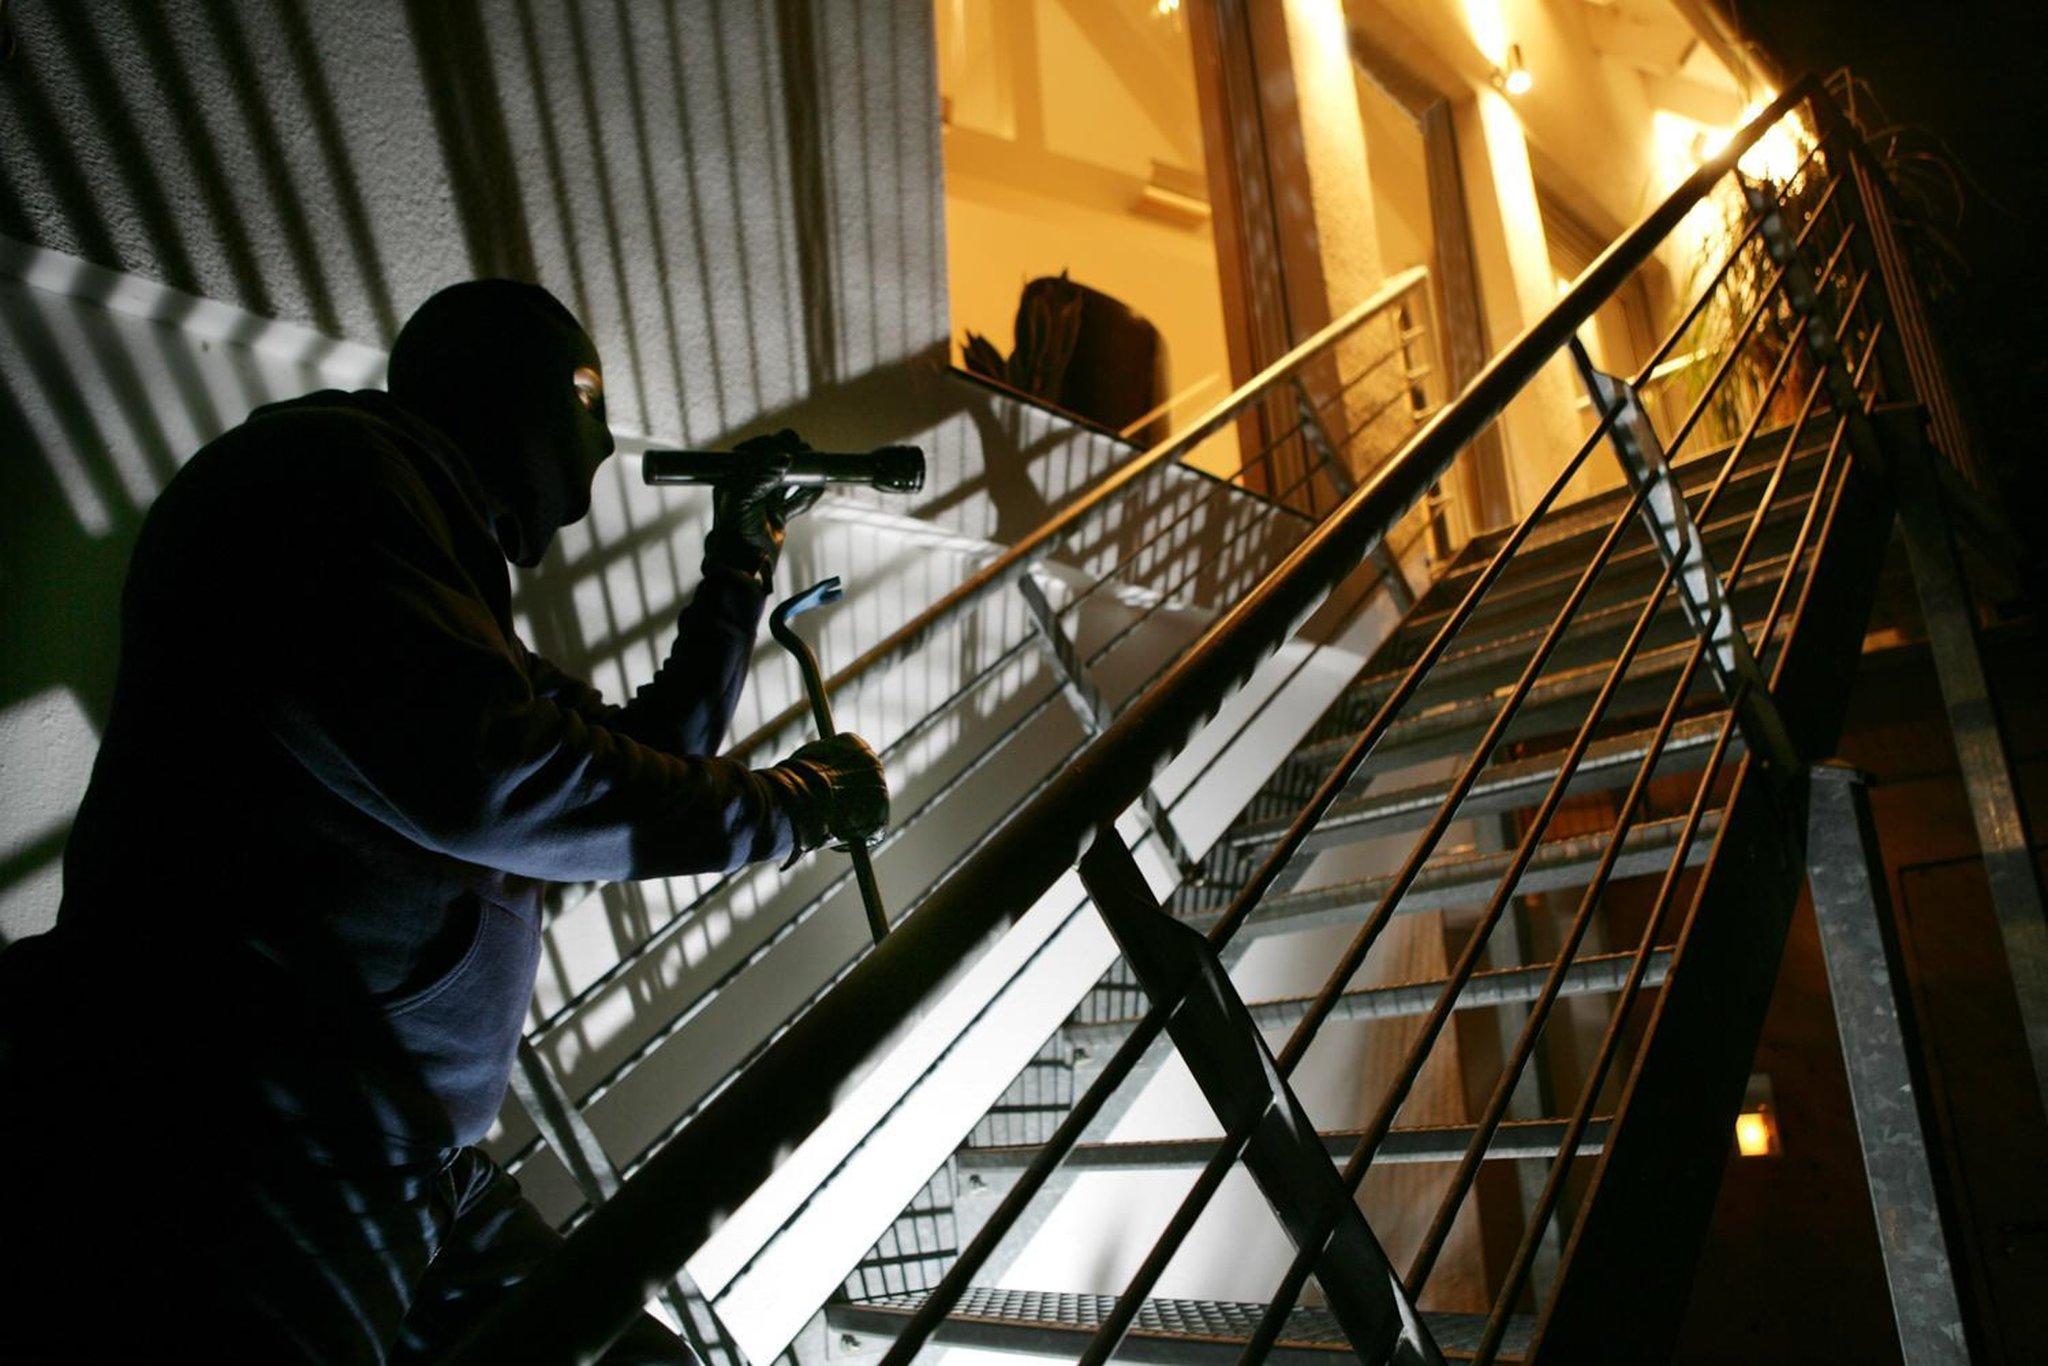 Einbrecher suchen nach Wertgegenständen: Terrassentür aufgehebelt - Hilden - Lokalkompass.de